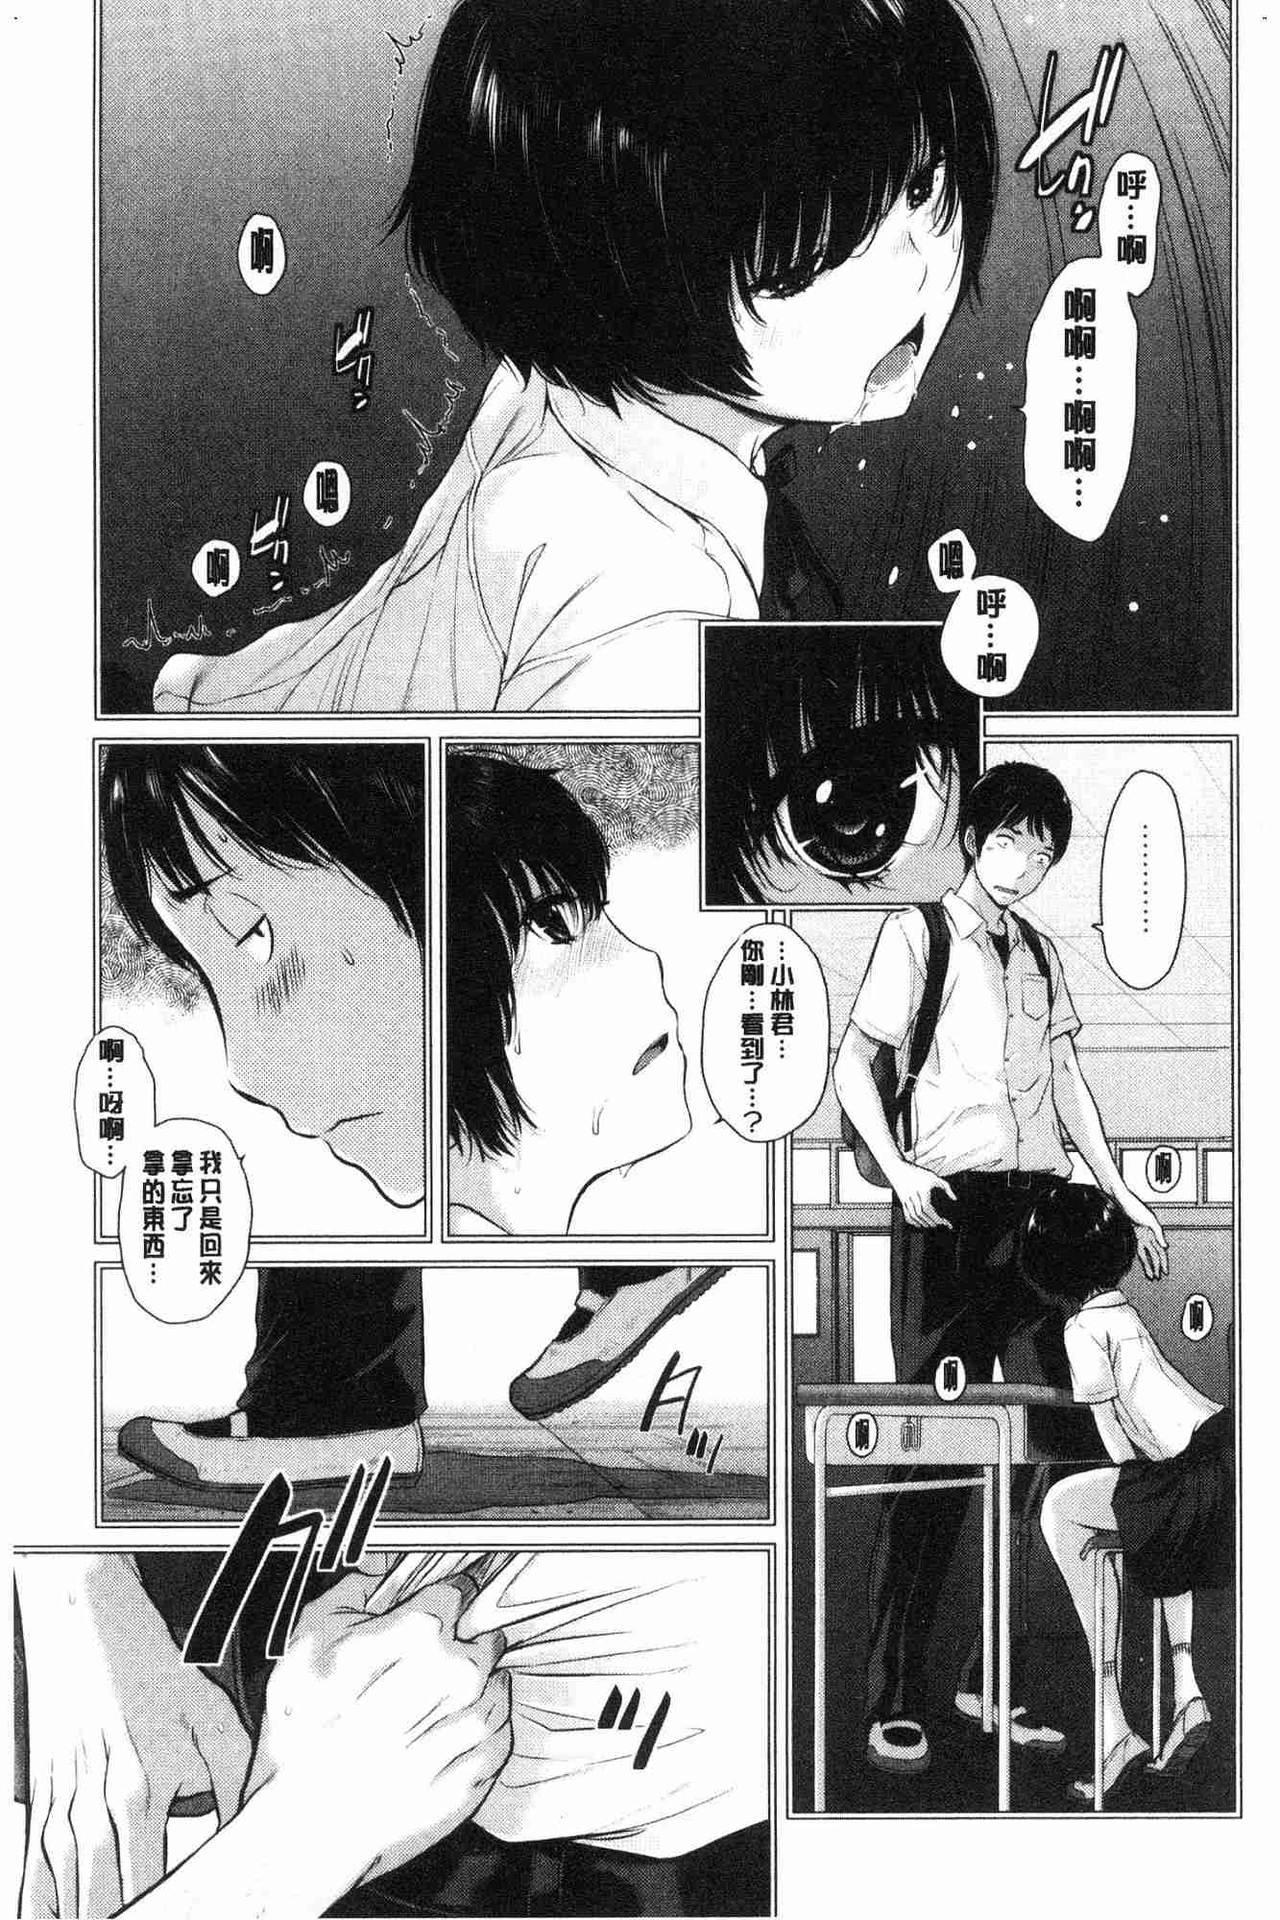 [Harazaki Takuma] Seifuku Shijou Shugi -Natsu- - Uniforms supremacy [Chinese] 91